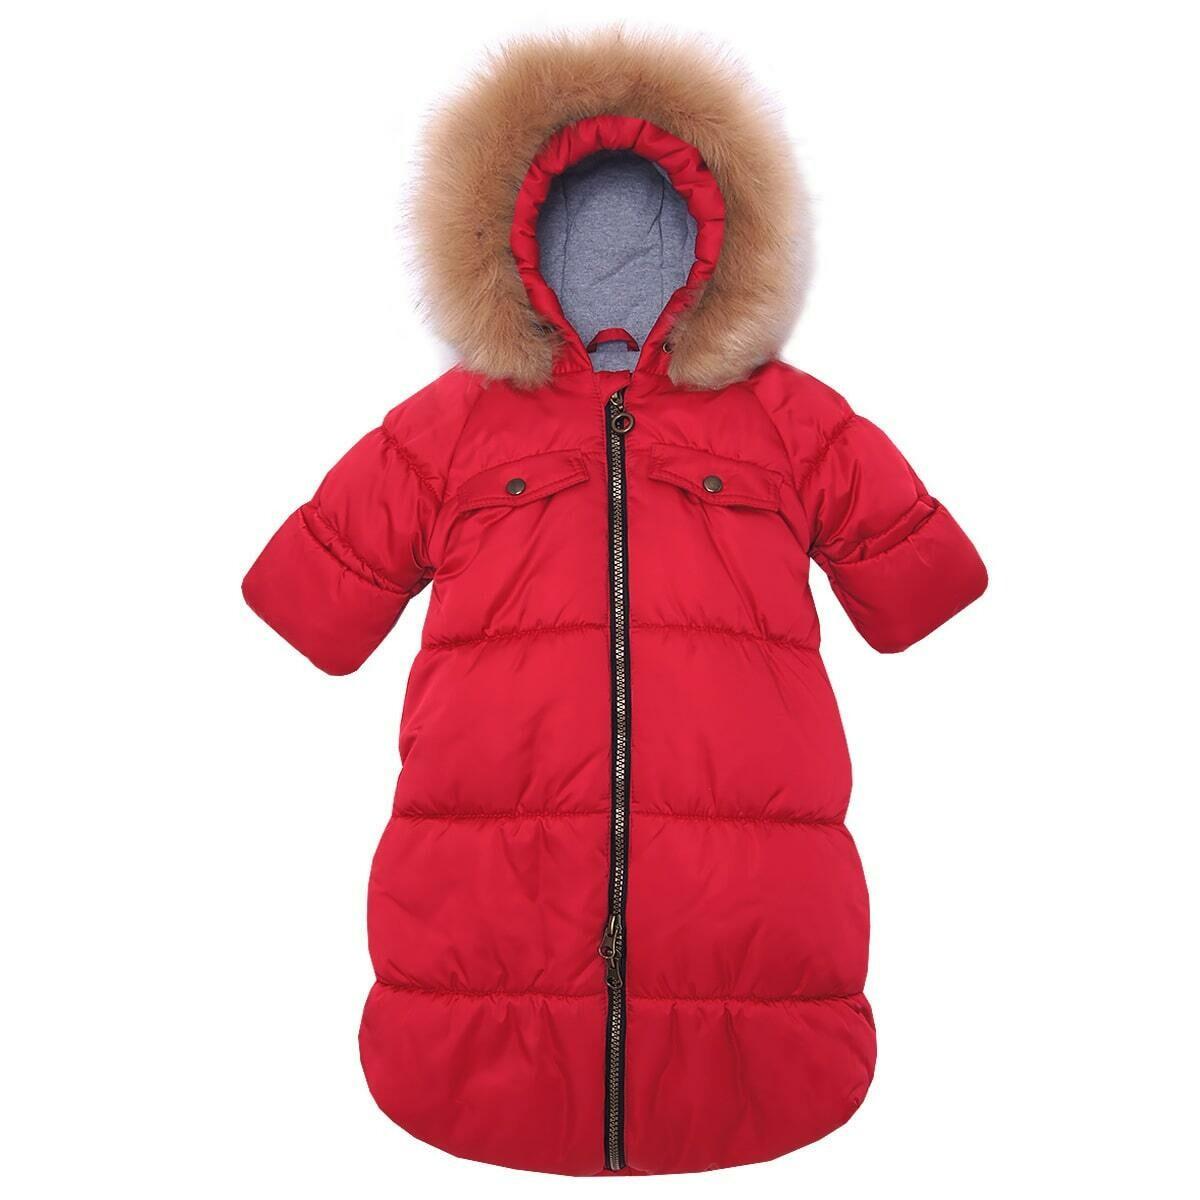 Комбинезон-конверт Аляска, зима, красный